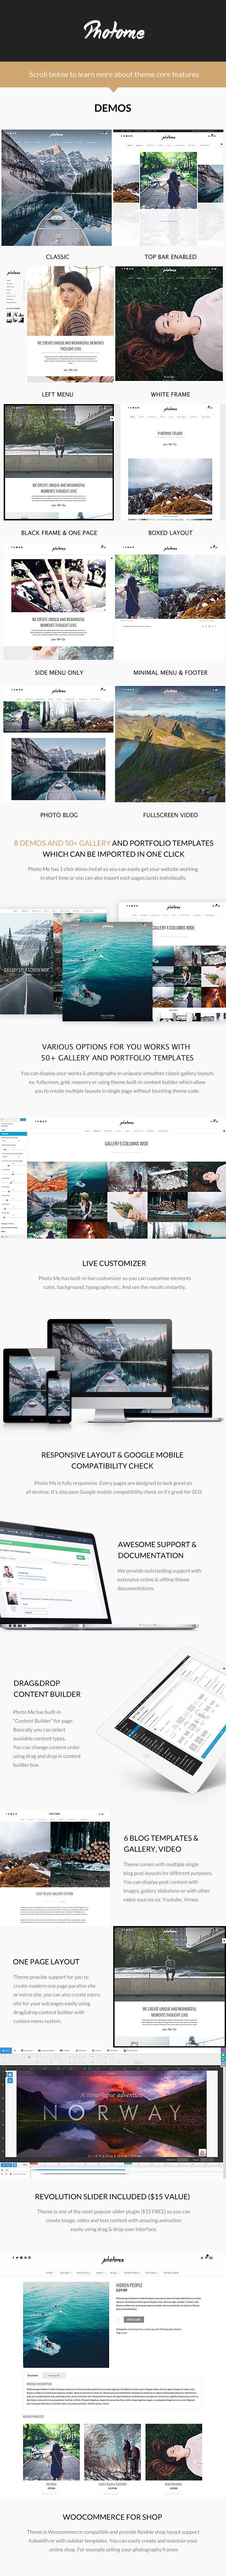 PhotoMeFeatures2 - PhotoMe | Portfolio WordPress